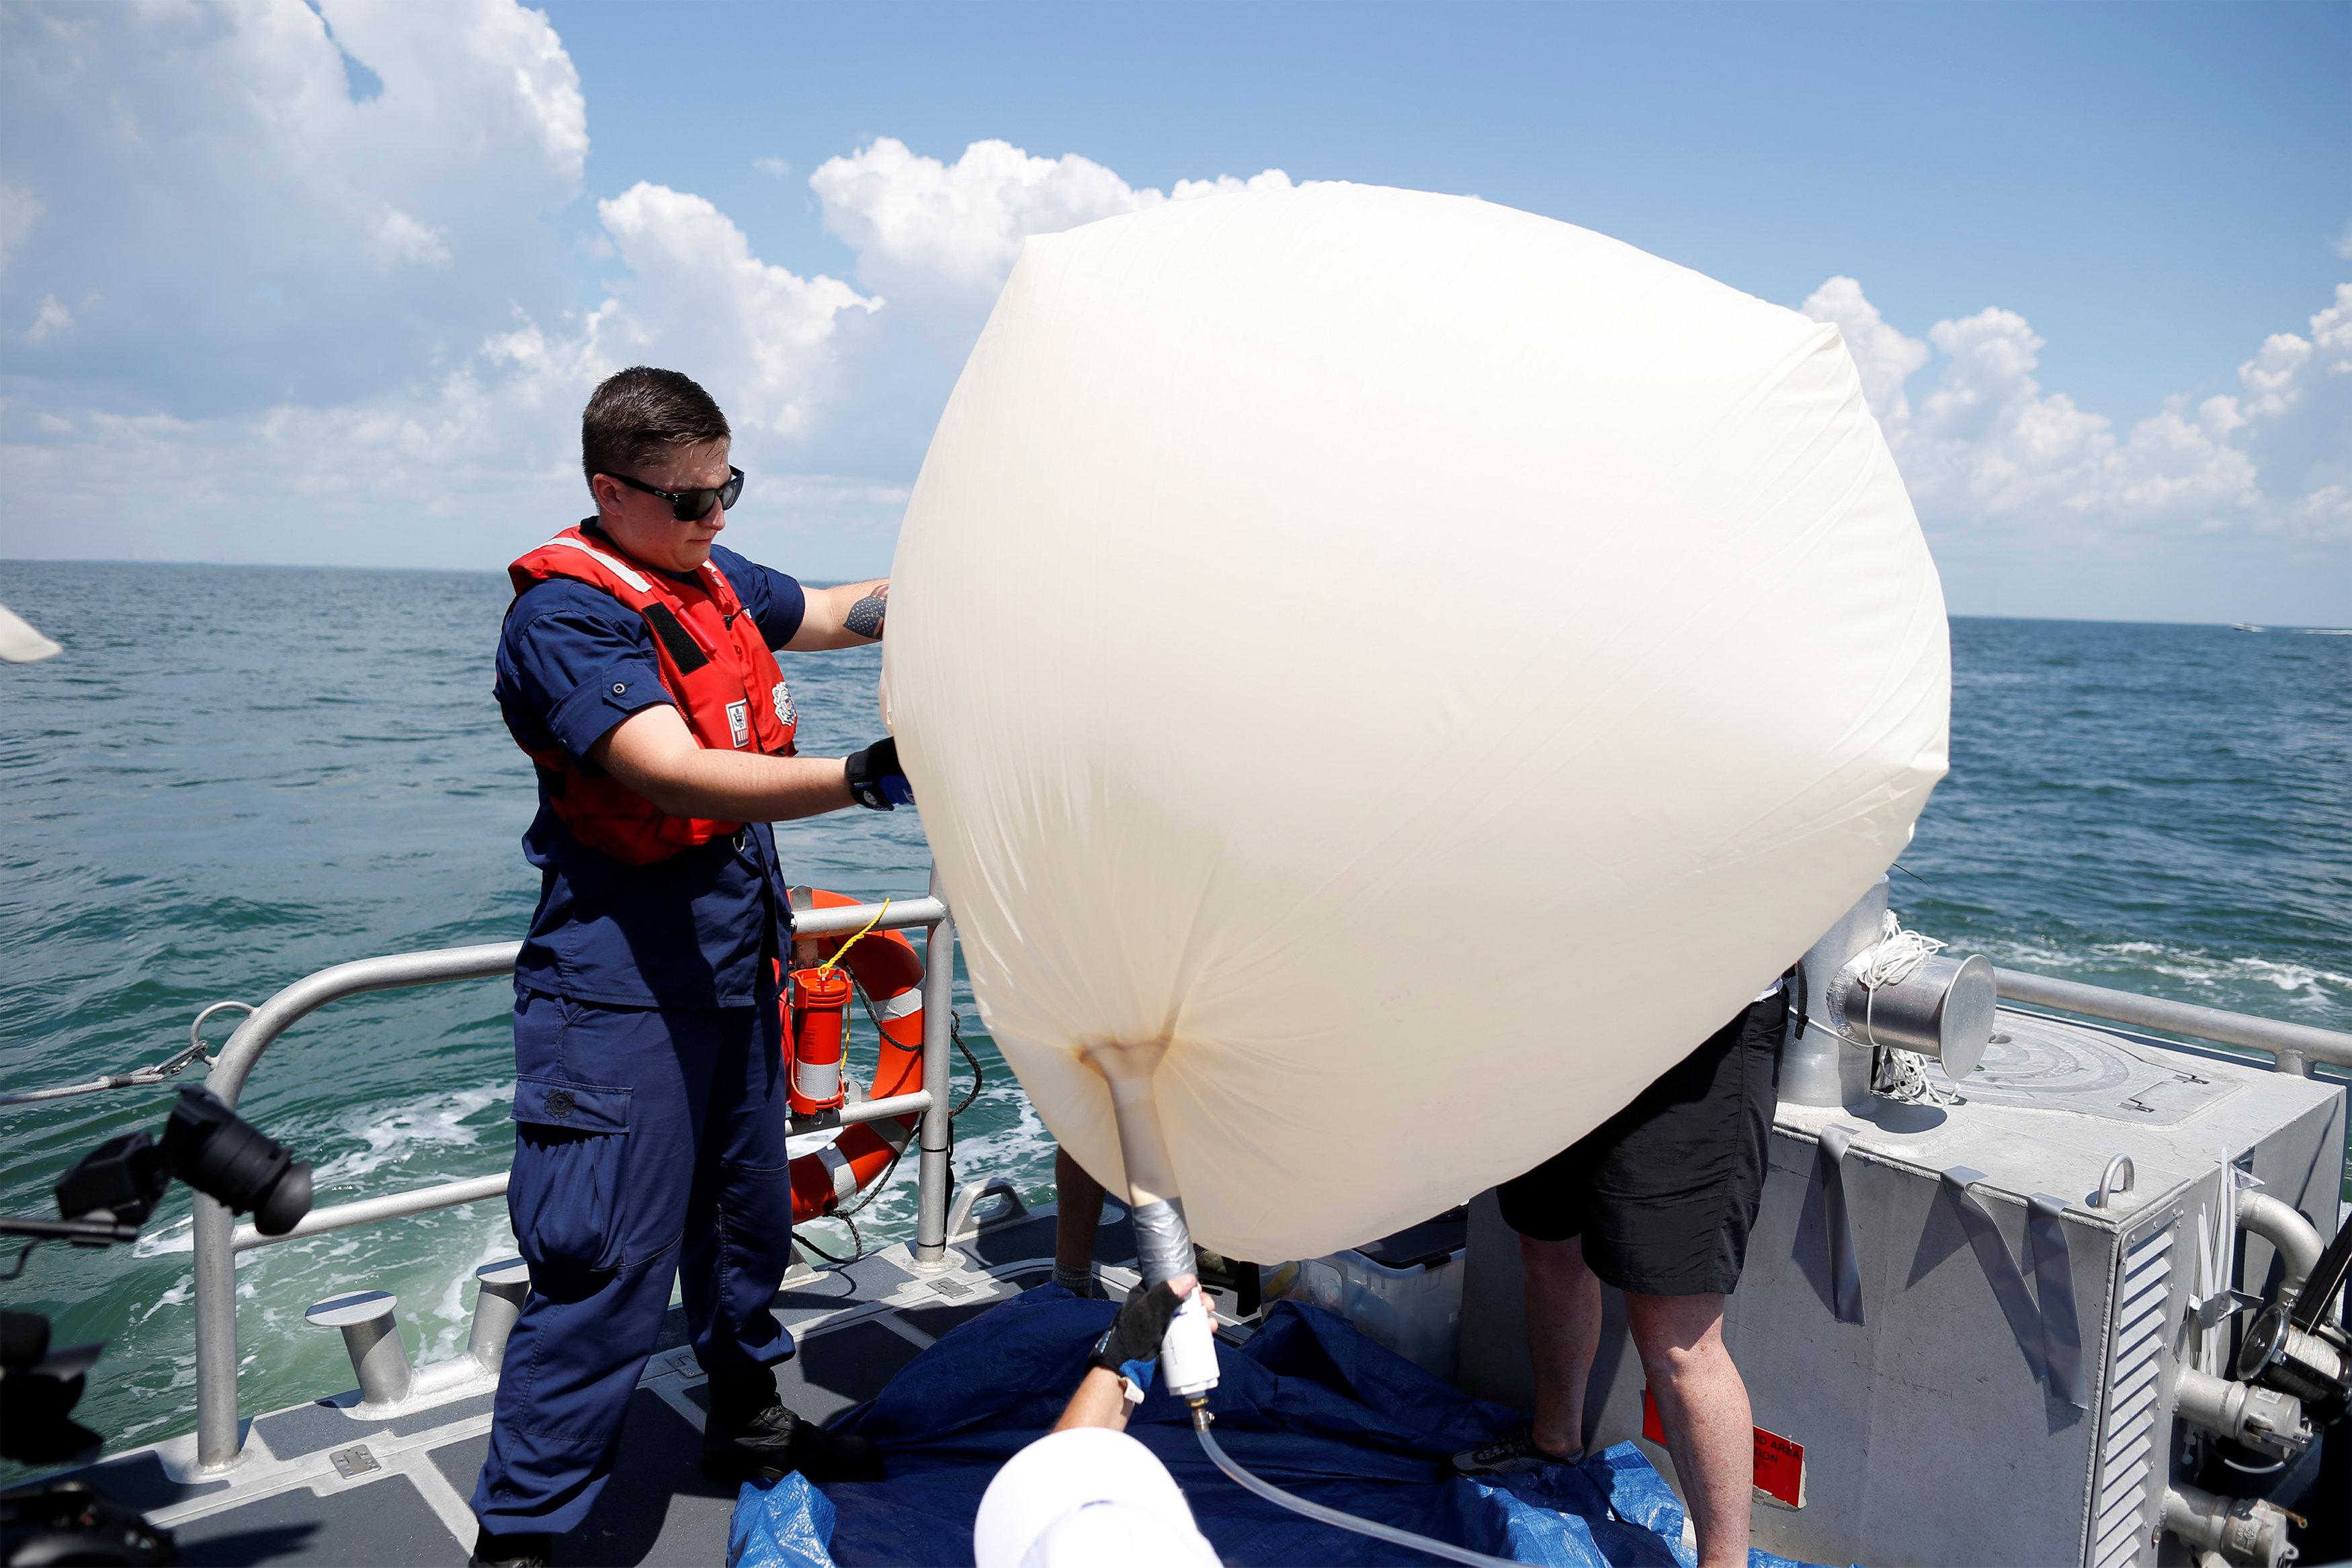 نفخ البالونات مثبت بها كاميرات عالية الدقة لمتابعة الكسوف بأمريكا